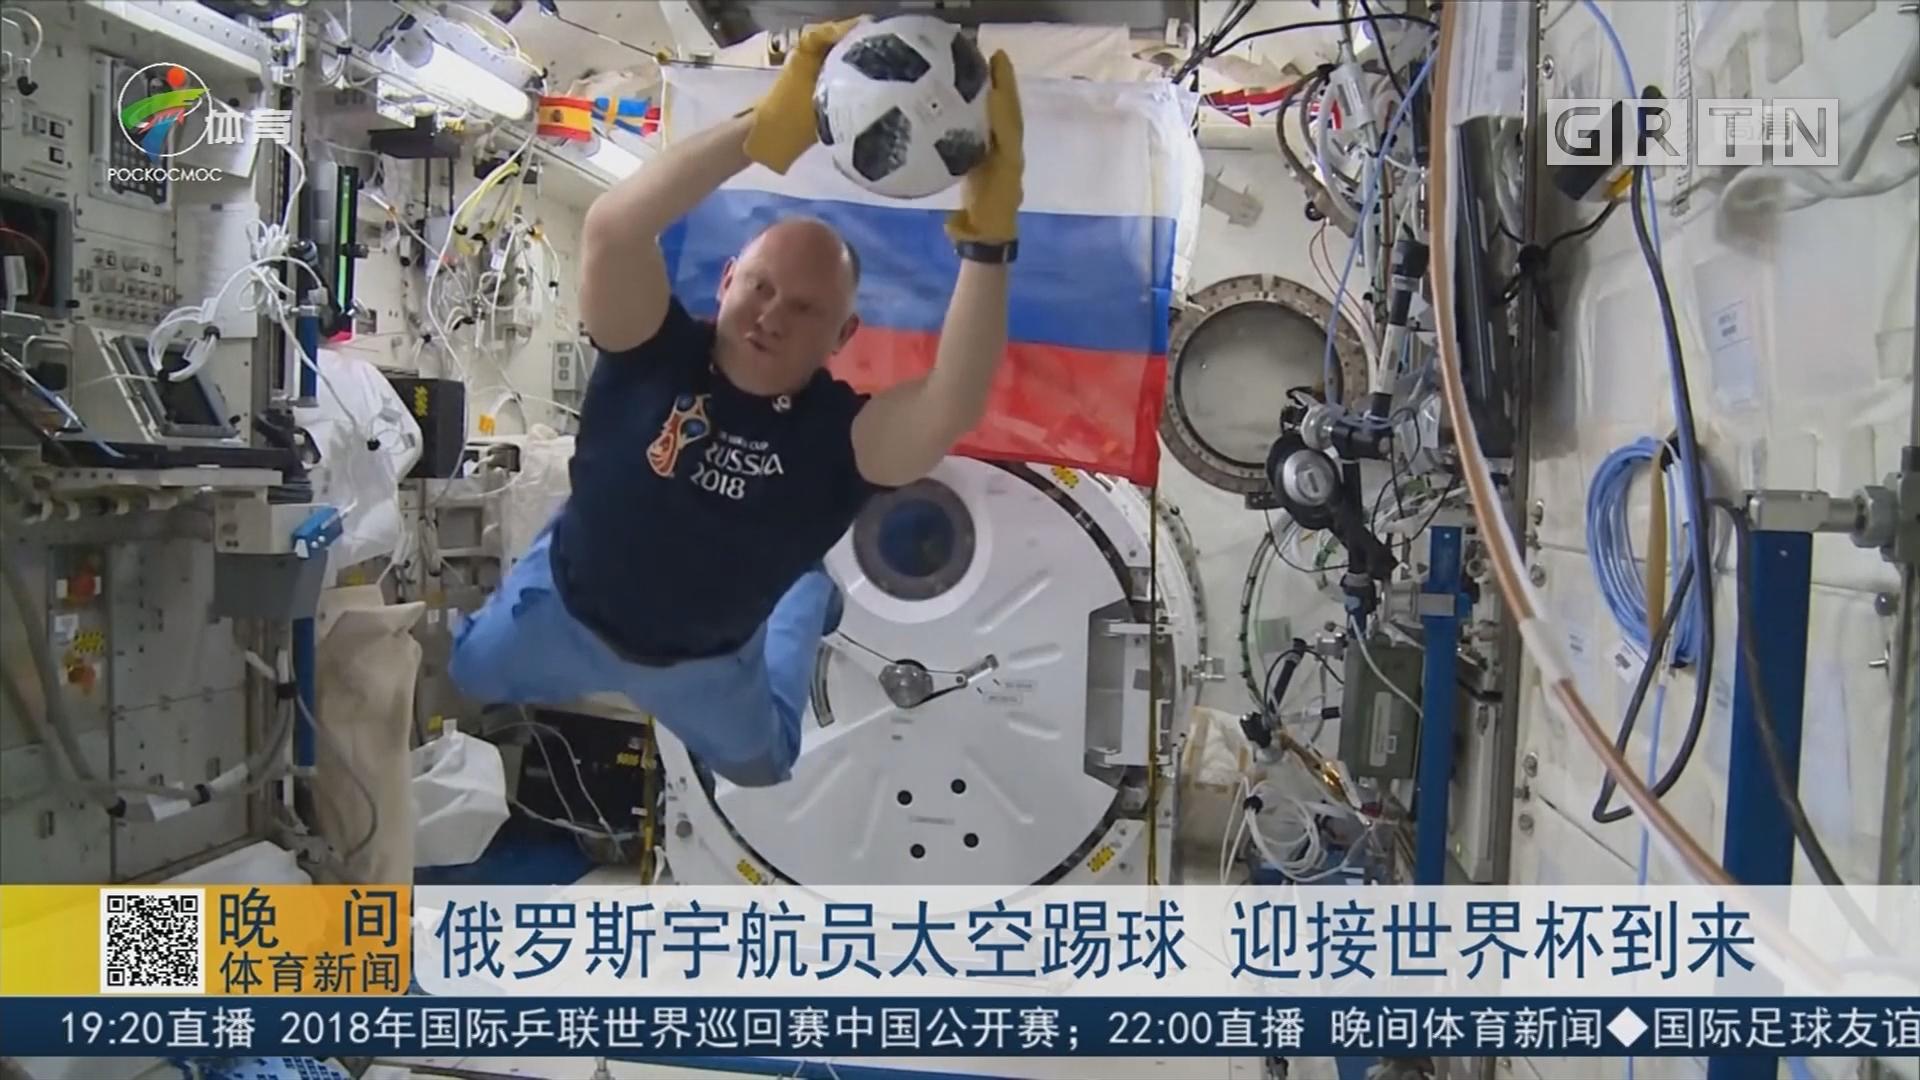 俄罗斯宇航员太空踢球 迎接世界杯到来